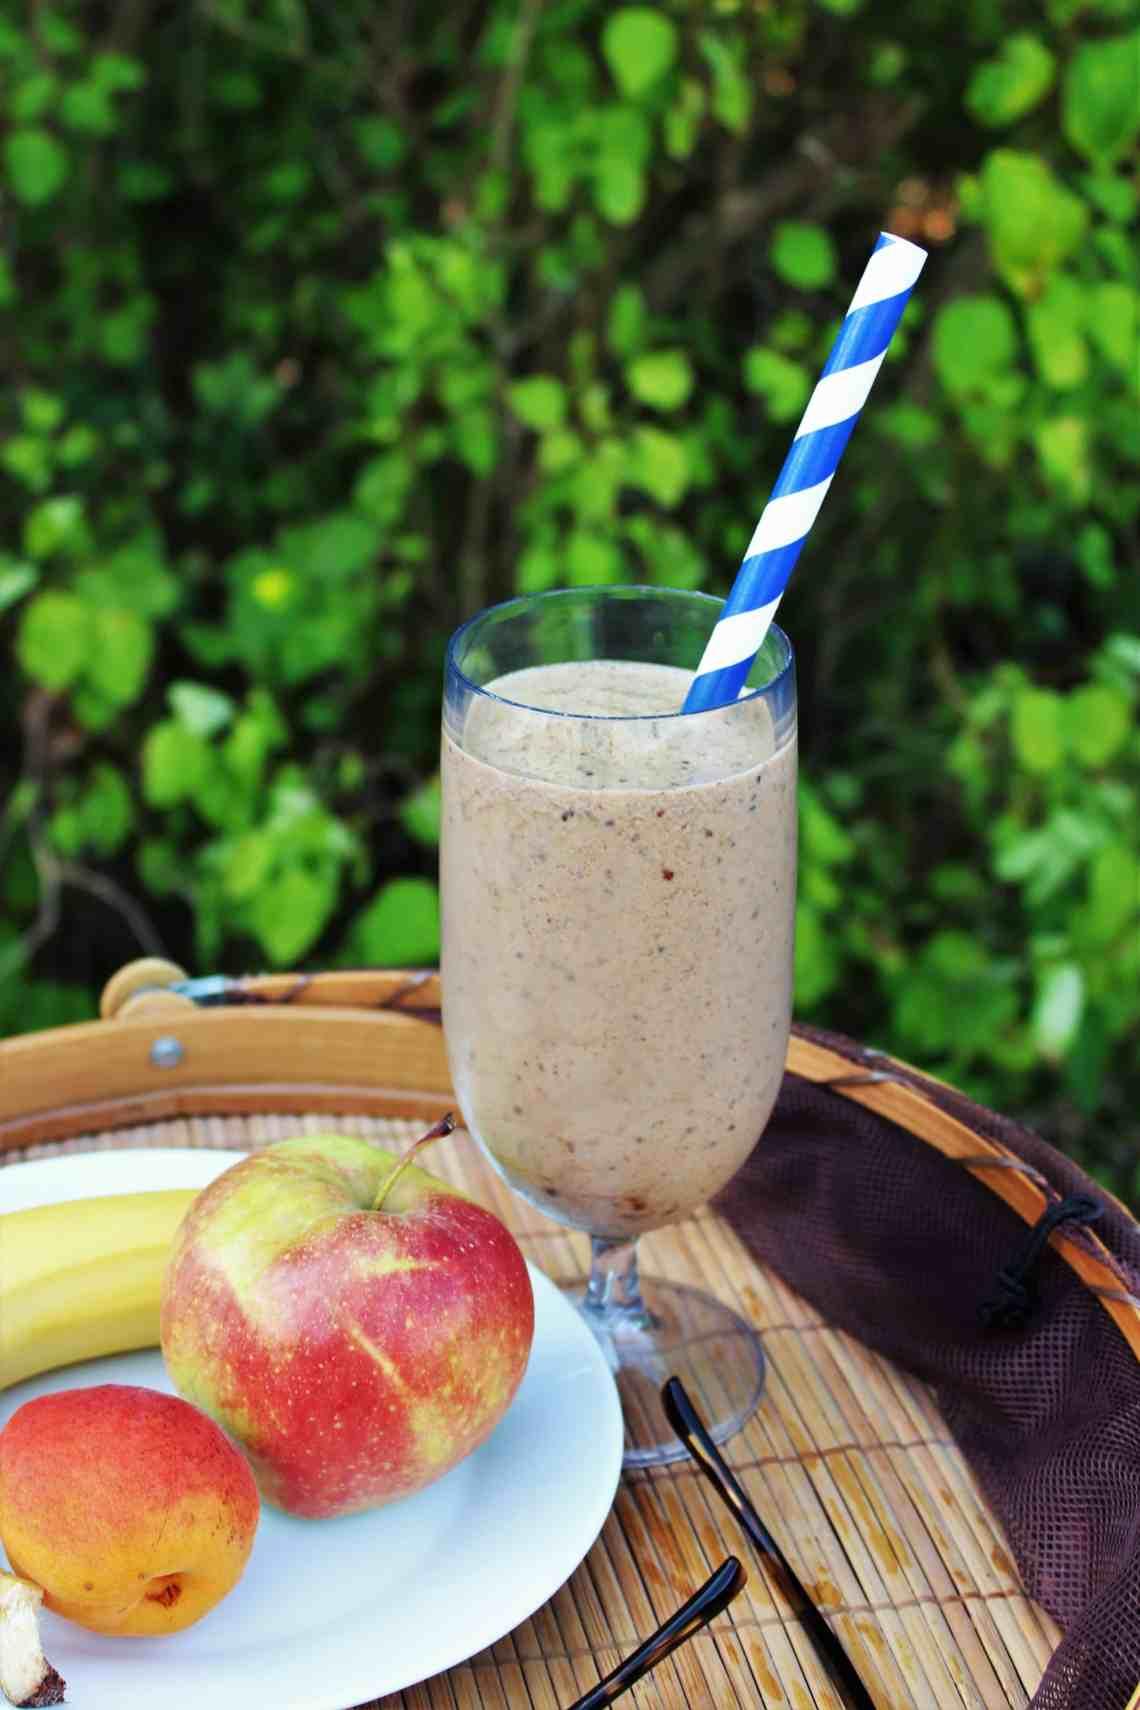 Morgenmadssmoothie - iskaffe med chiafrø eller en sundere isdessert. Jeg har fundet opskriften på den bedste chia-kaffesmoothie, eller smoothie bowl, sødet med dadler. Om morgen laver du en velsmagende morgenkaffe smoothie, eller smoothie bowl, med lækker topping - en morgenmad du også kan ta' med. Du kan også lave smoothien som snack eller som en sundere dessert. Nyd den med god samvittighed, for chia-kaffesmoothien er fyldt med gode sager. Find opskriften på danishthings.com #danishthings #smoothie #smoothie-bowl #smoothieis #chia #kaffe #dadler #morgenmad #dessert #iskaffe #is